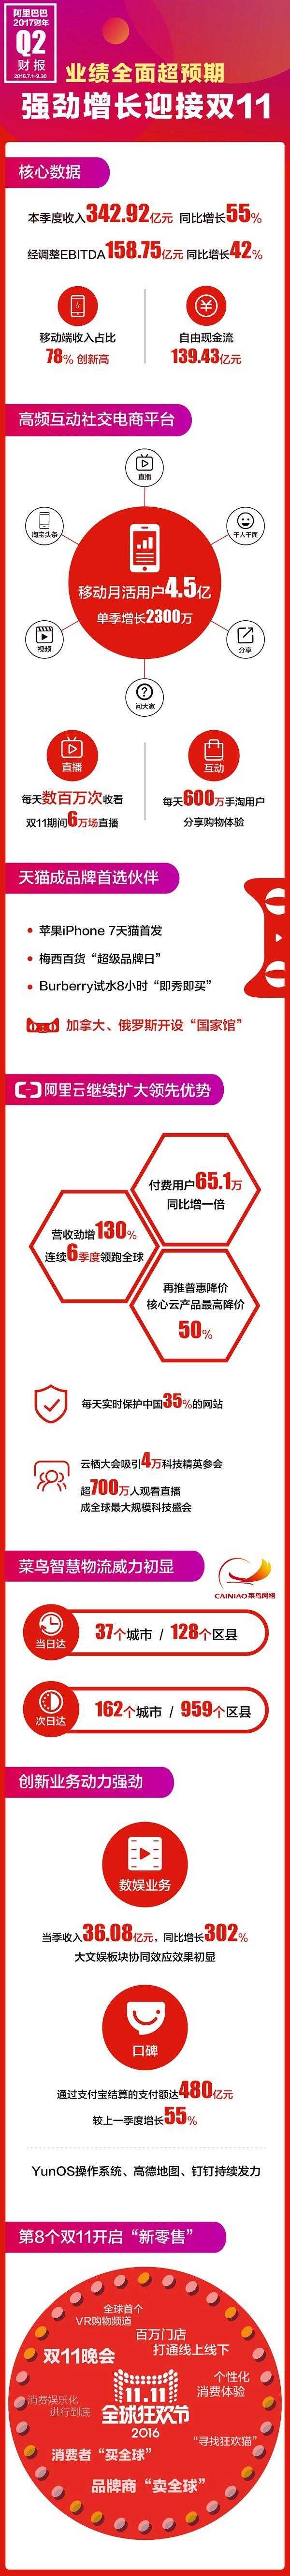 阿里Q2信息图:业绩全面超预期 (2).jpg